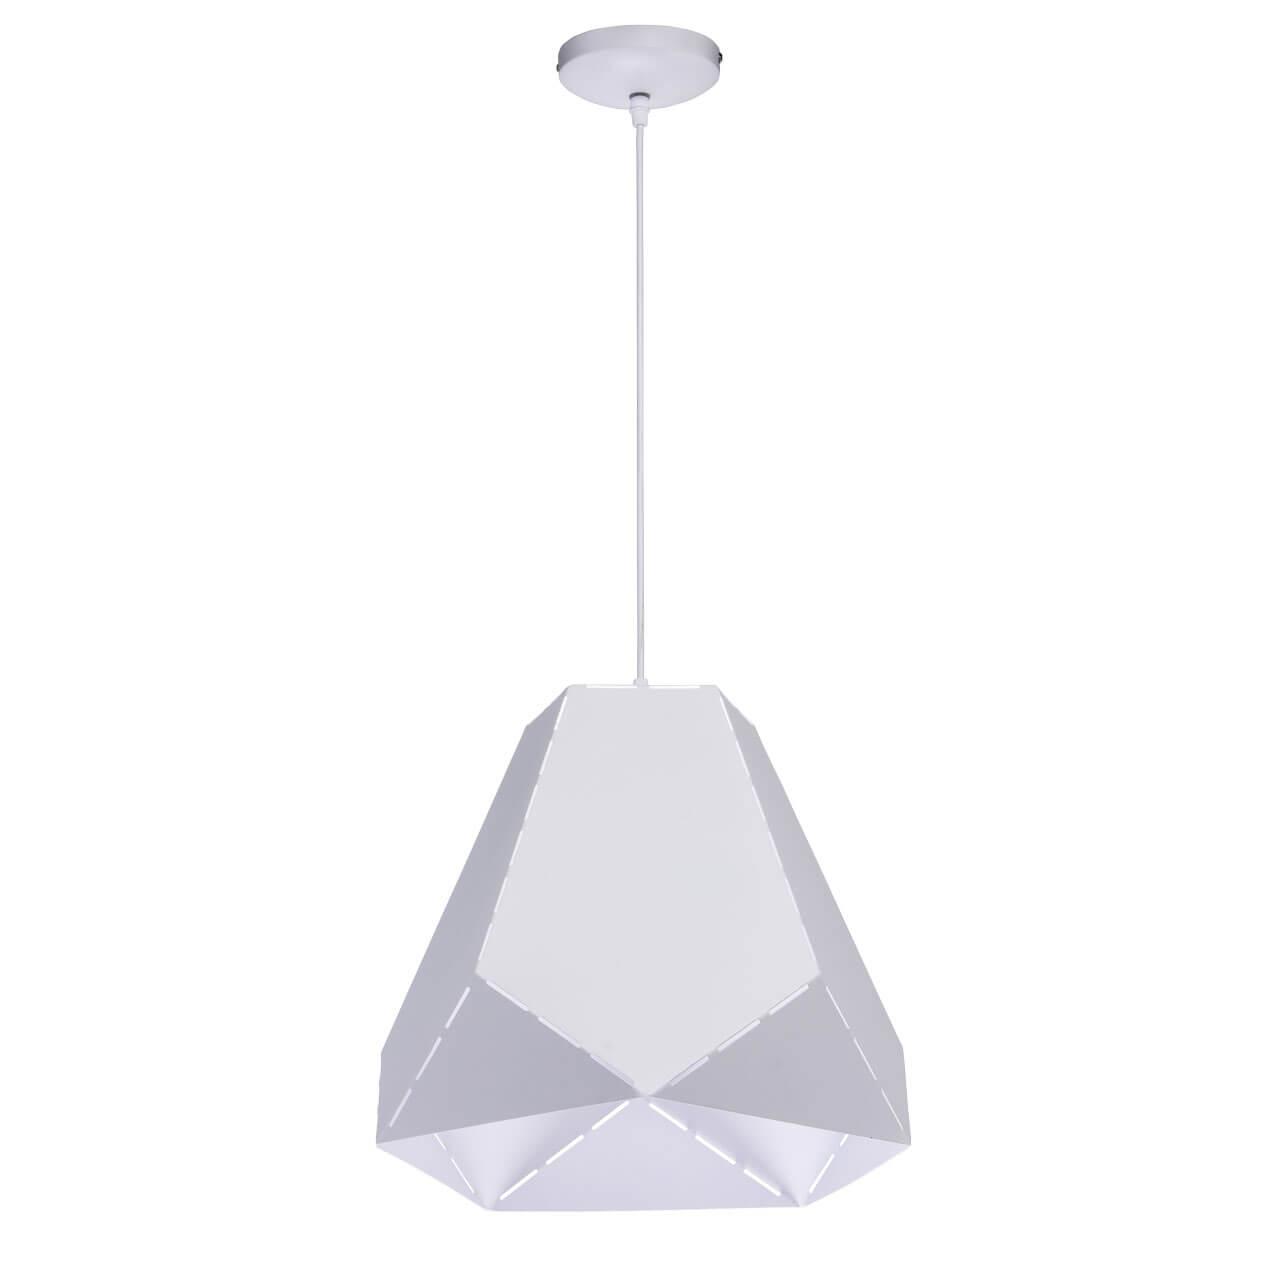 Подвесной светильник MW-Light Кассель 643012001 regenbogen life кассель 643010201